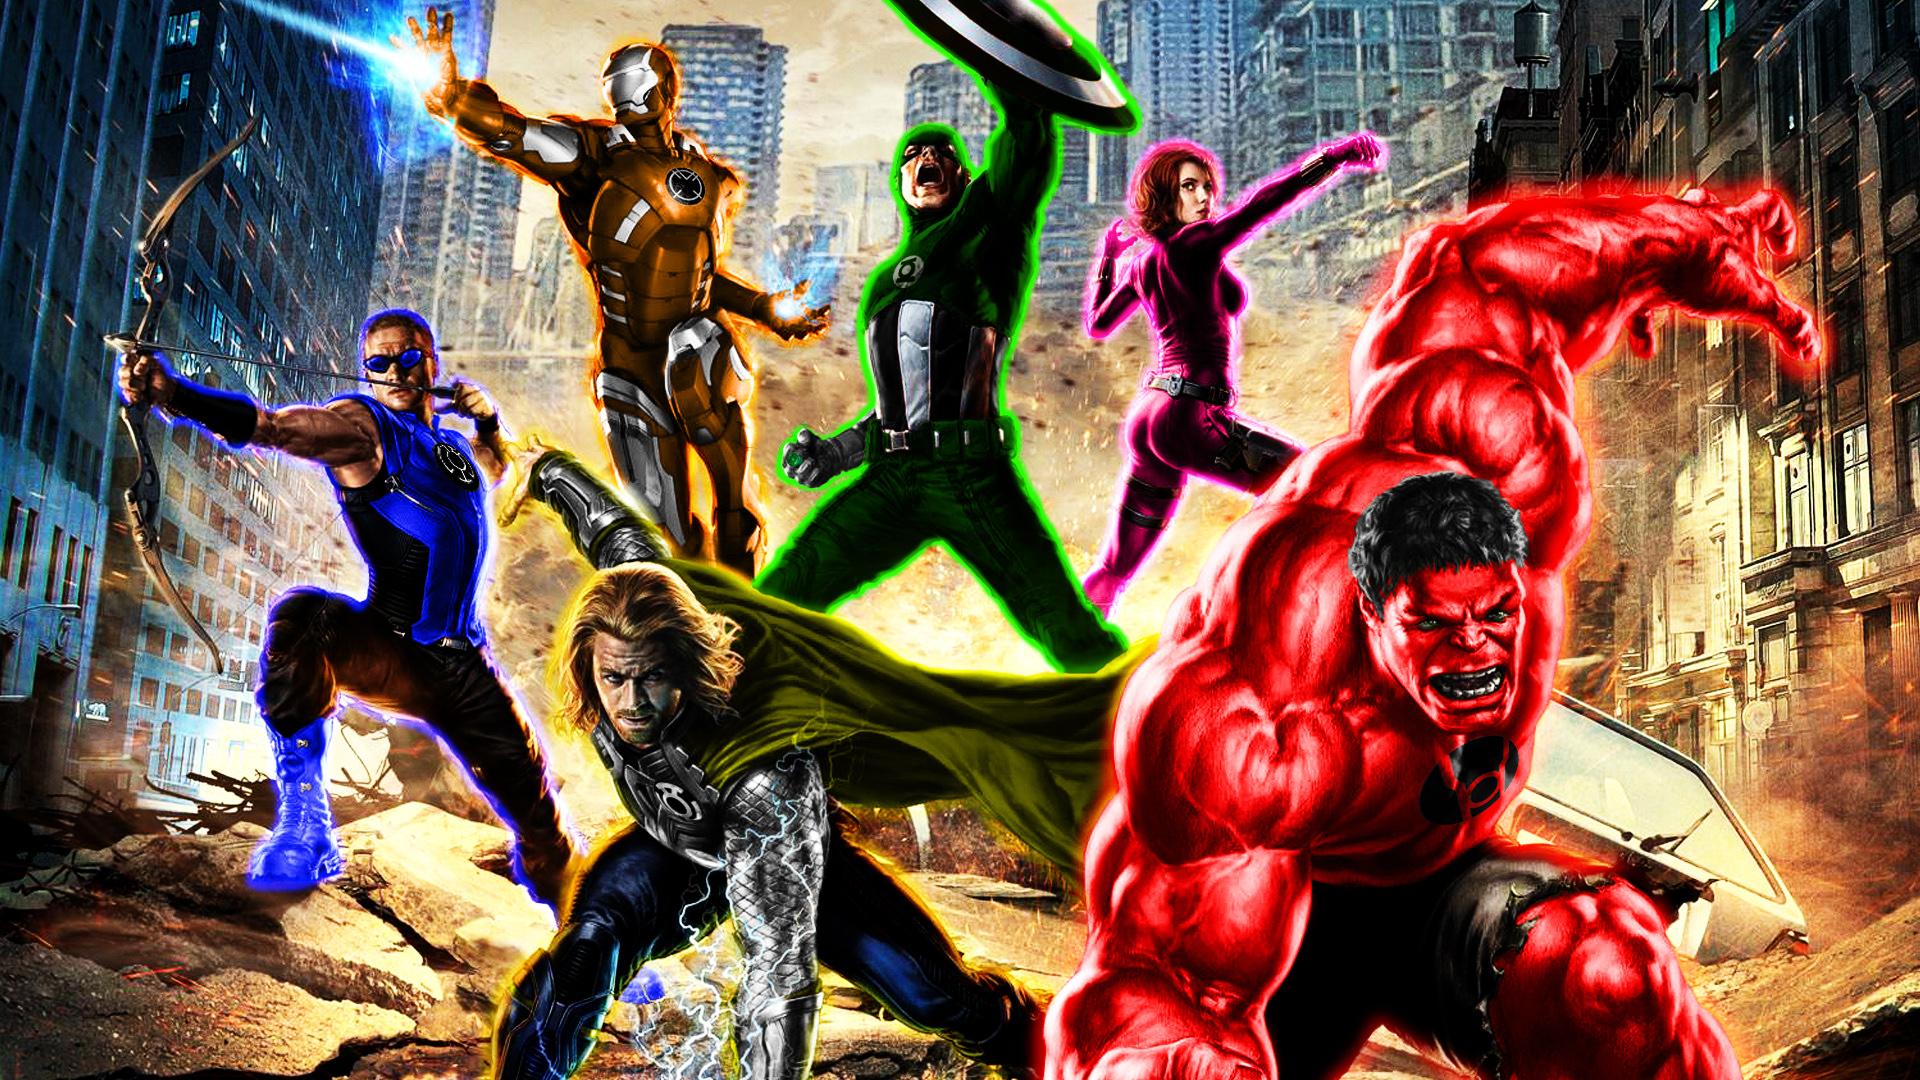 Marvel Heroes HD Wallpaper 1920x1080 ID58240 1920x1080